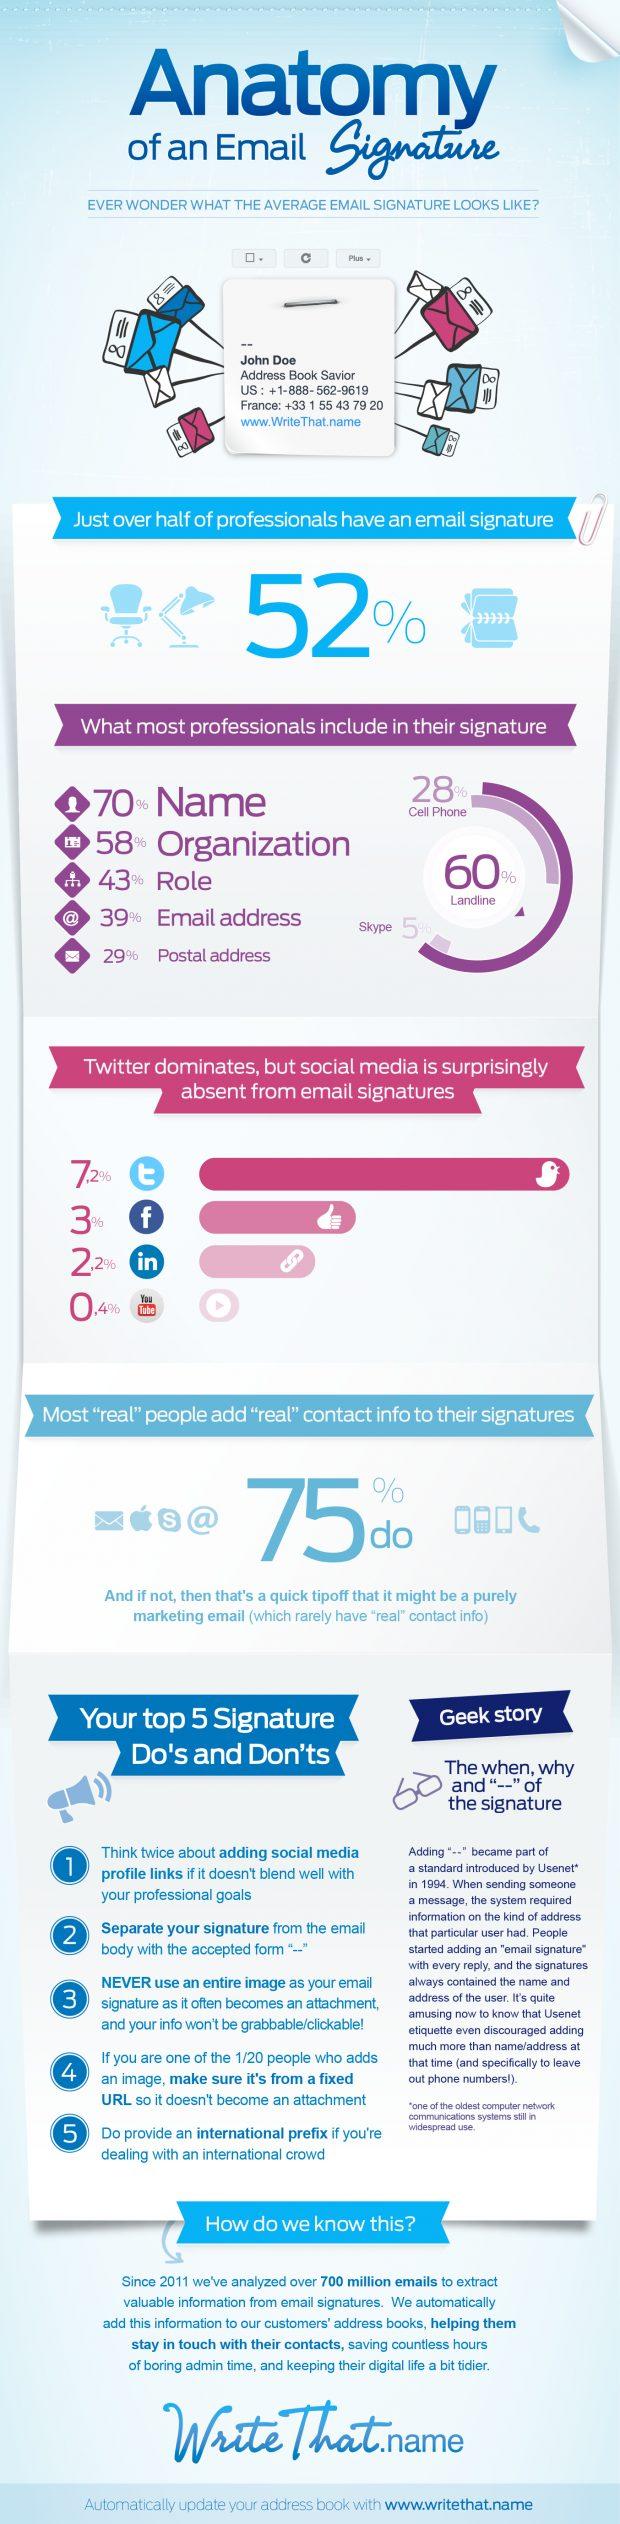 Email Signature Infographic